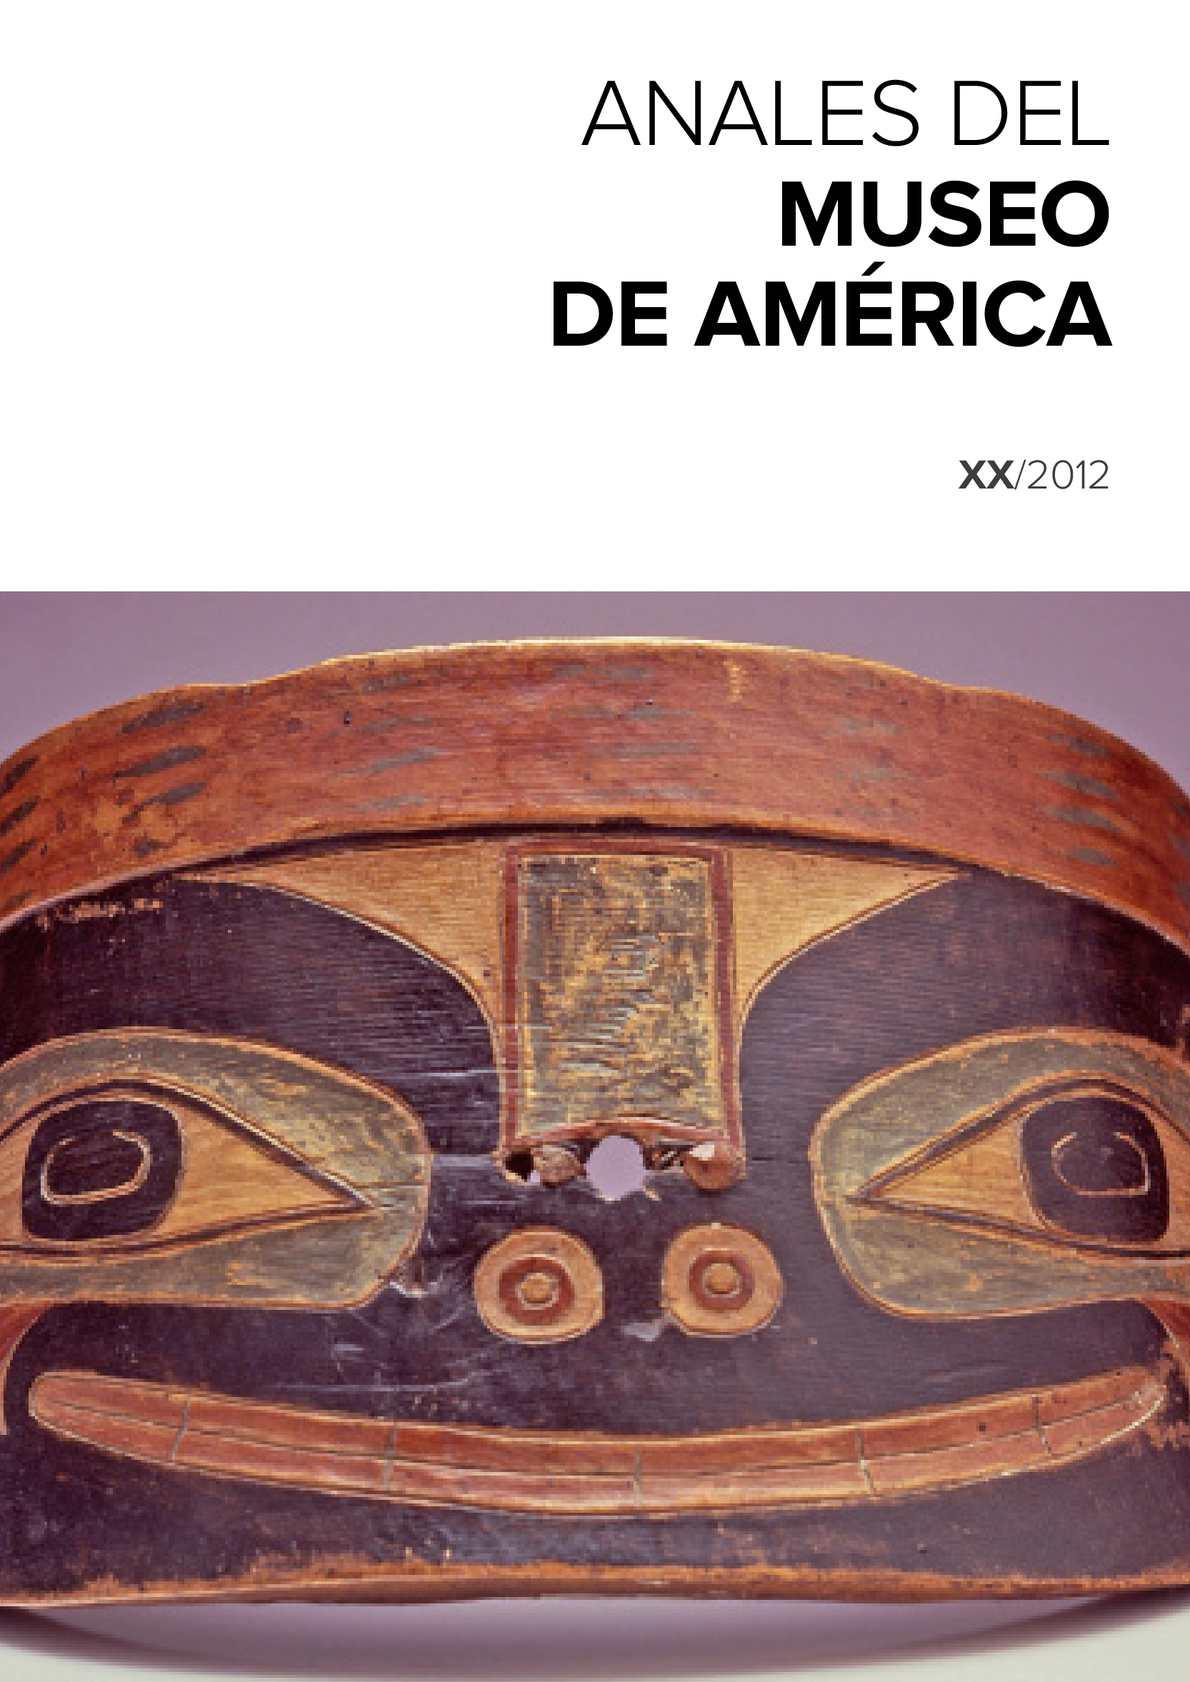 Calaméo - Anales del Museo de América XX 2012 98bc44dd6f88